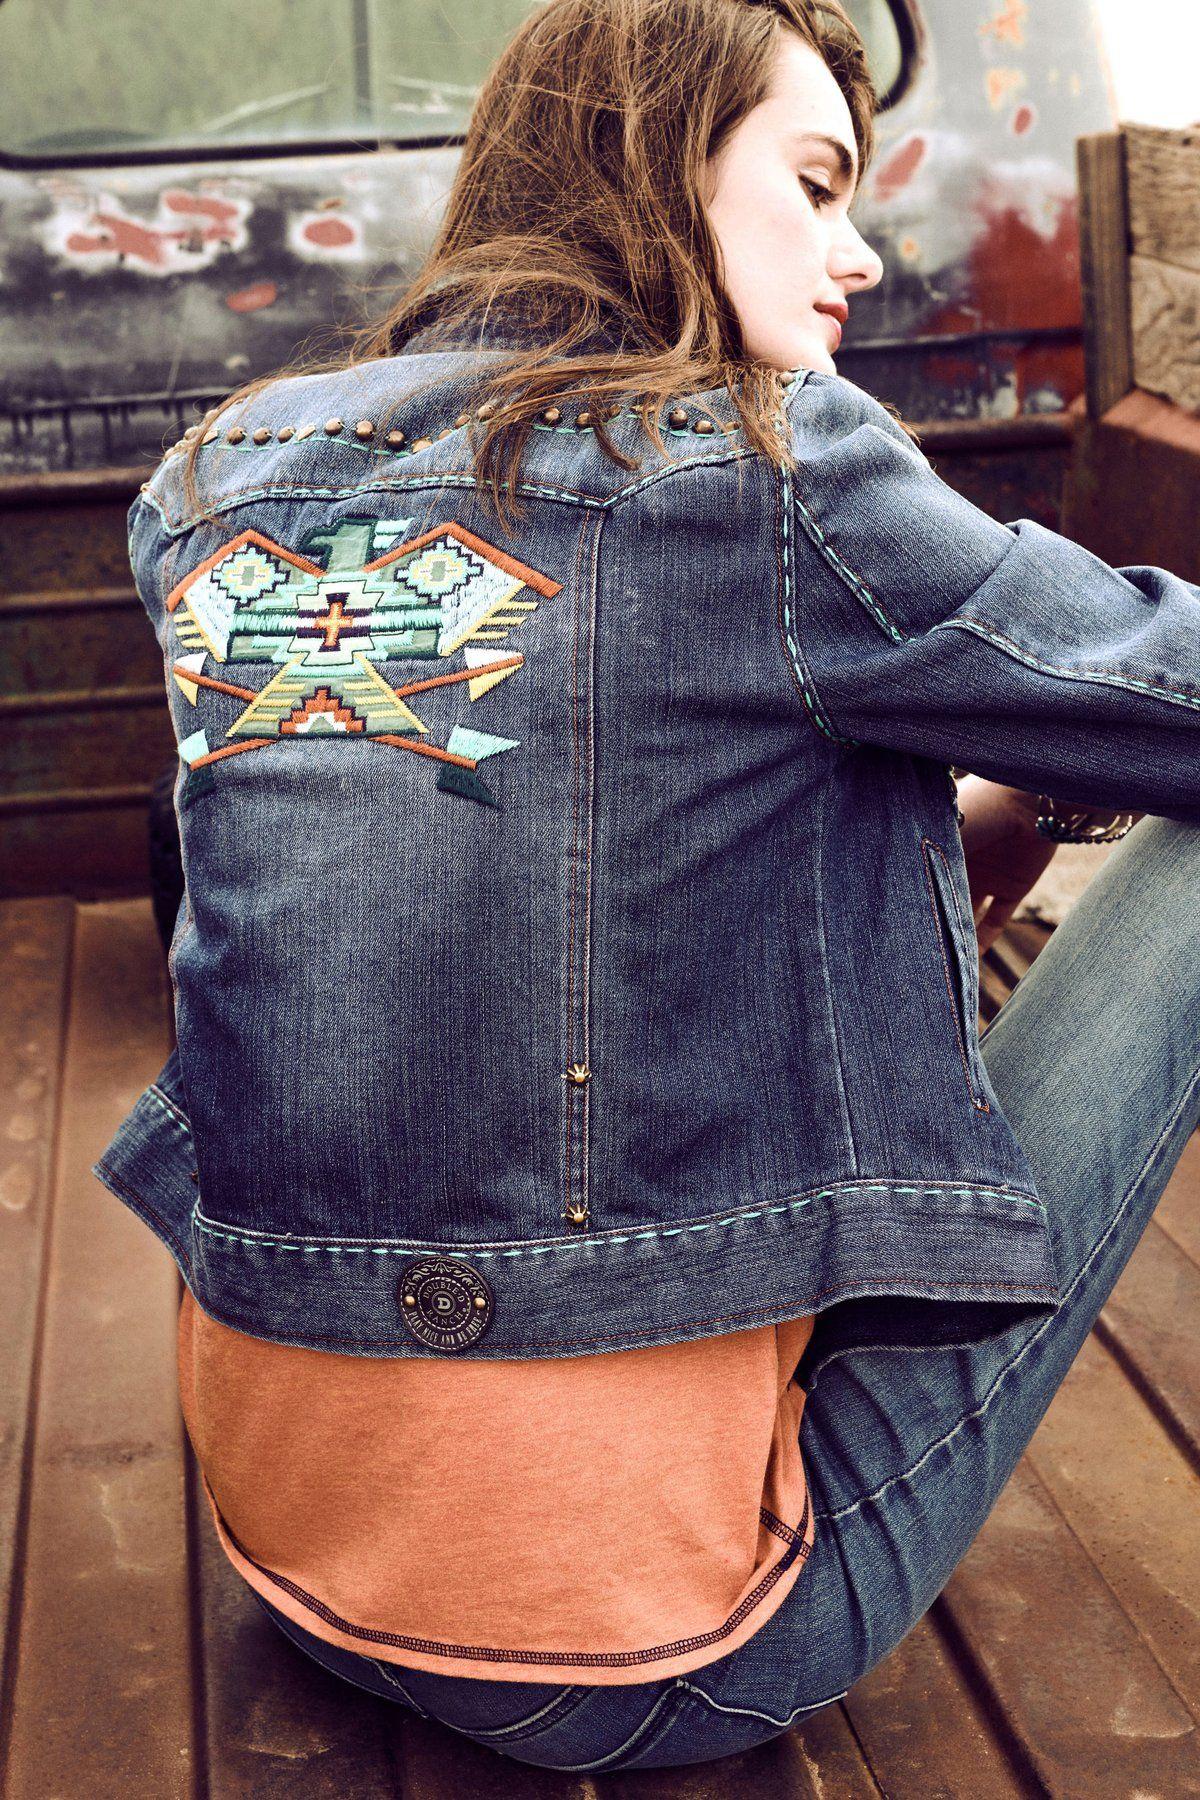 Native Eagle Jacket Embellished Denim Jacket Embellished Denim Womens Fashion Chic [ 1800 x 1200 Pixel ]